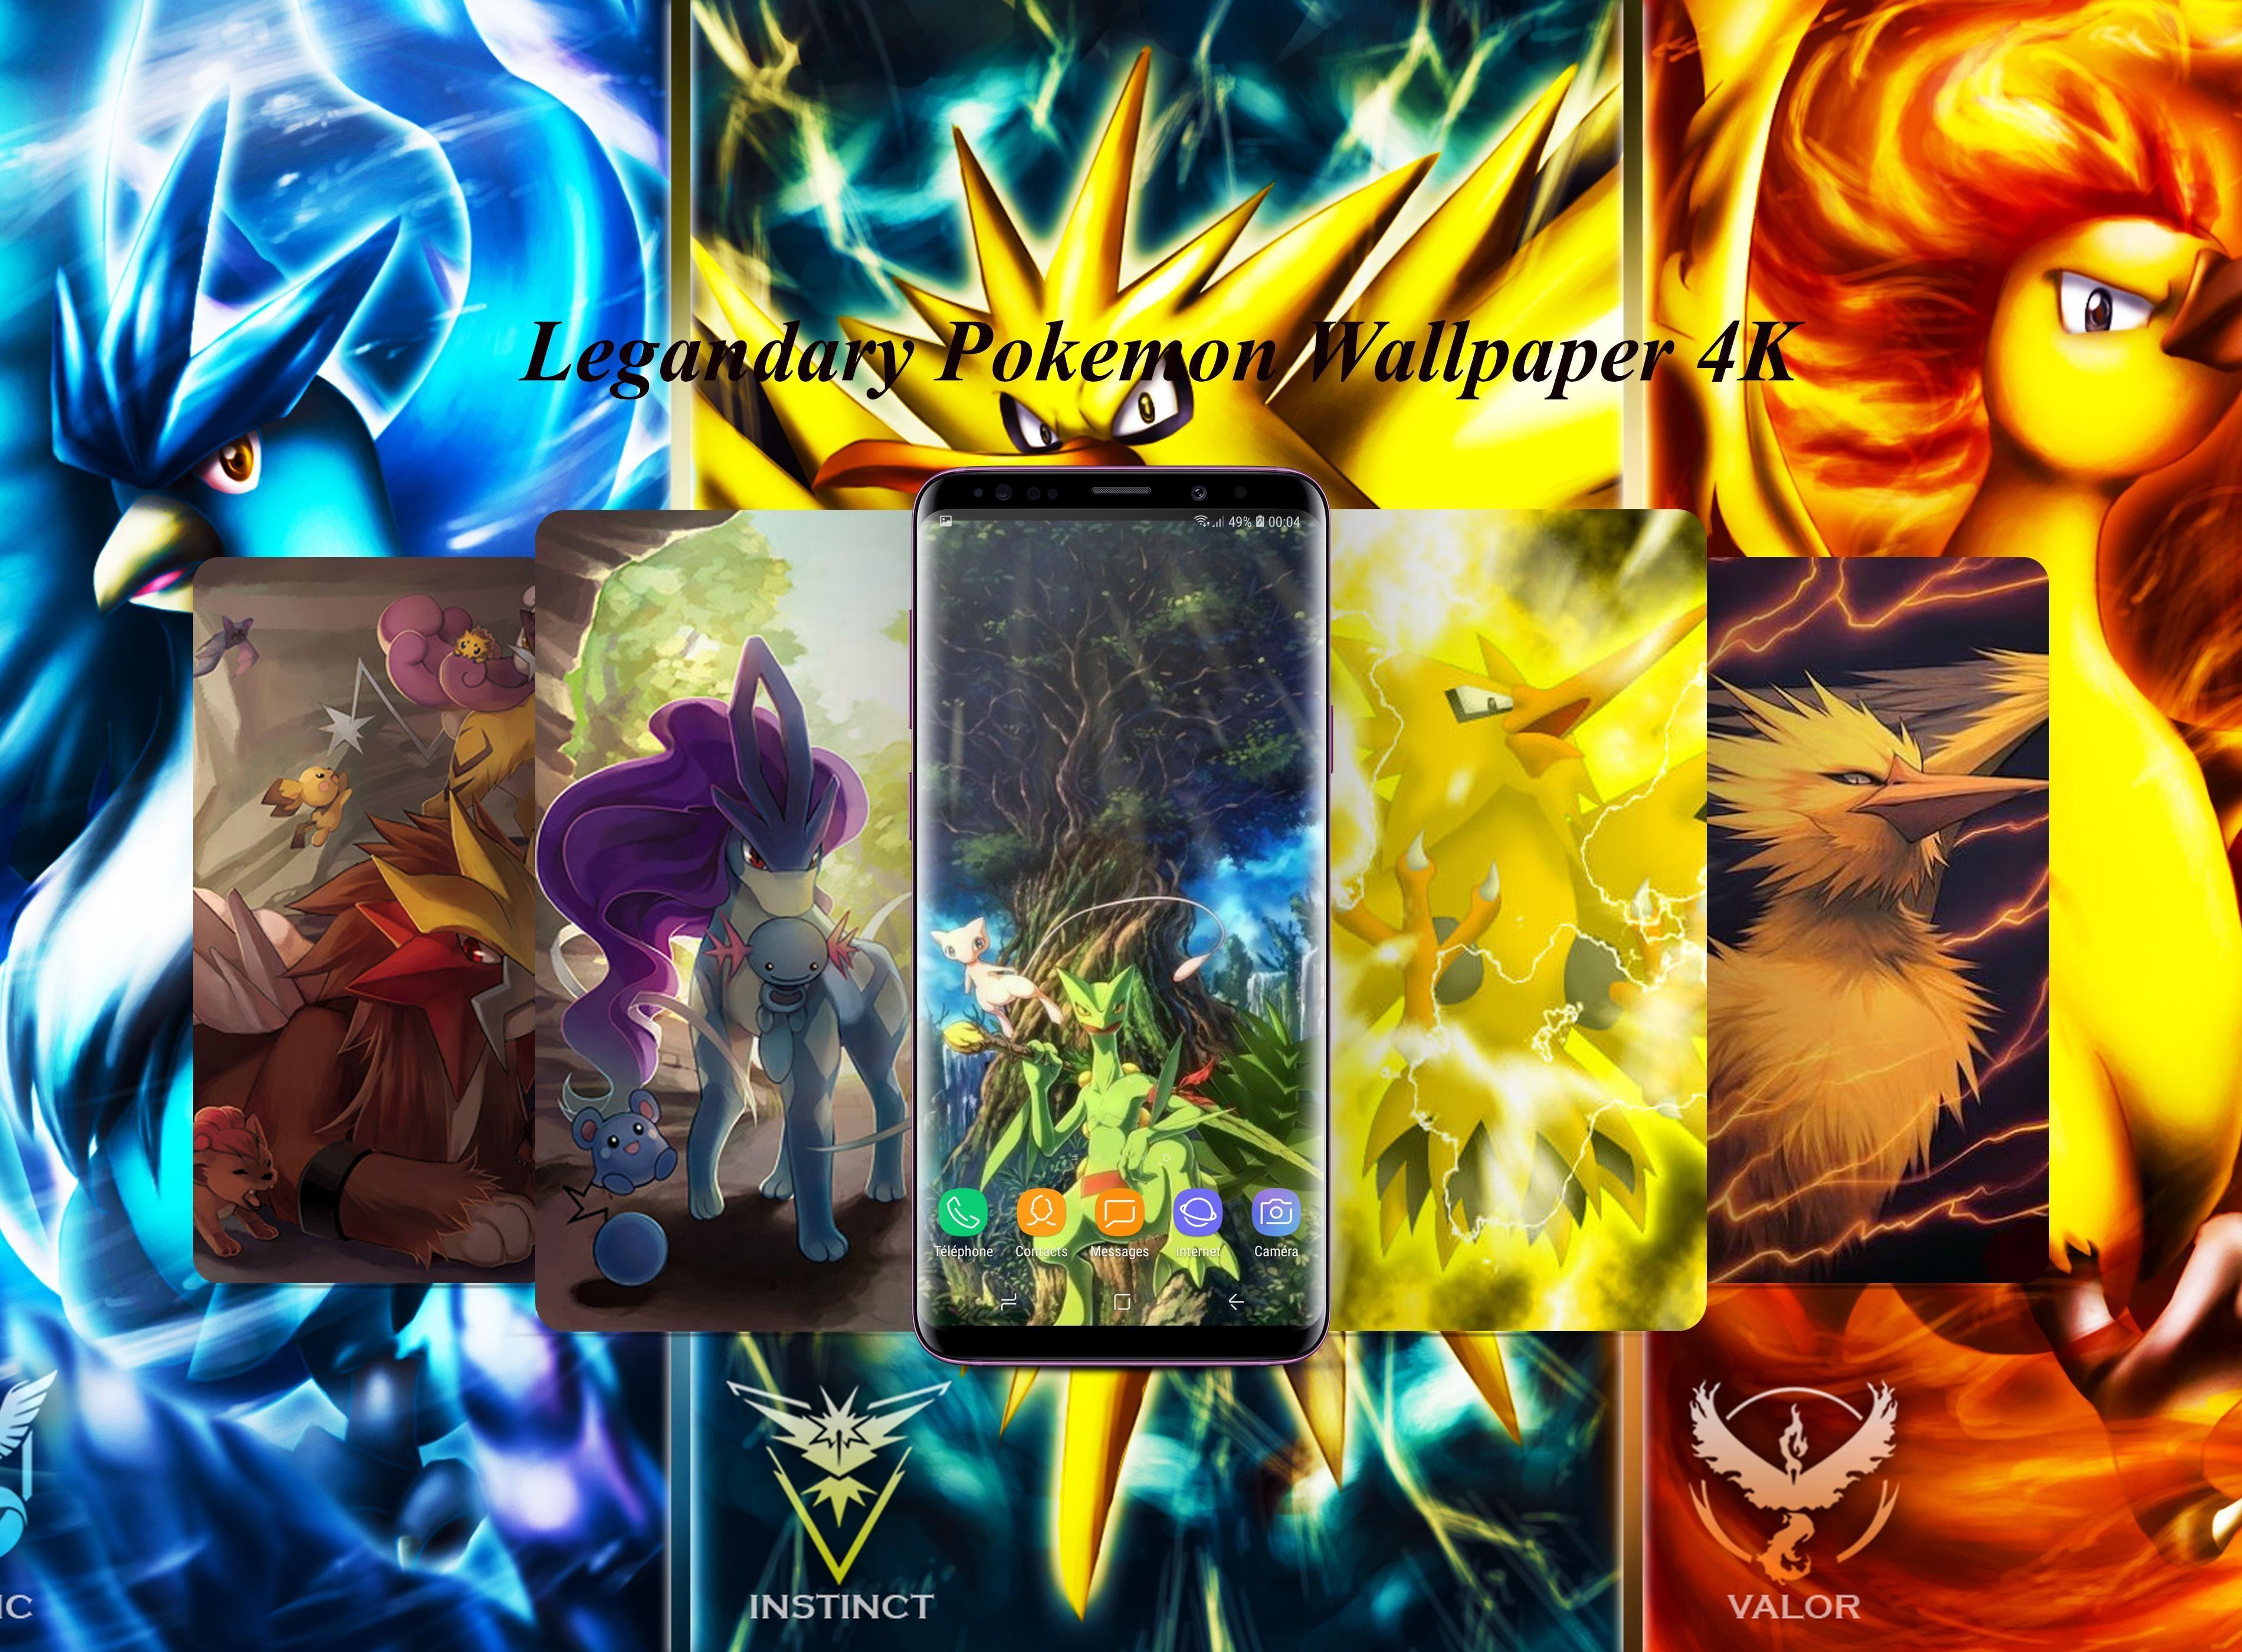 Legendary Pokemon Wallpaper Android